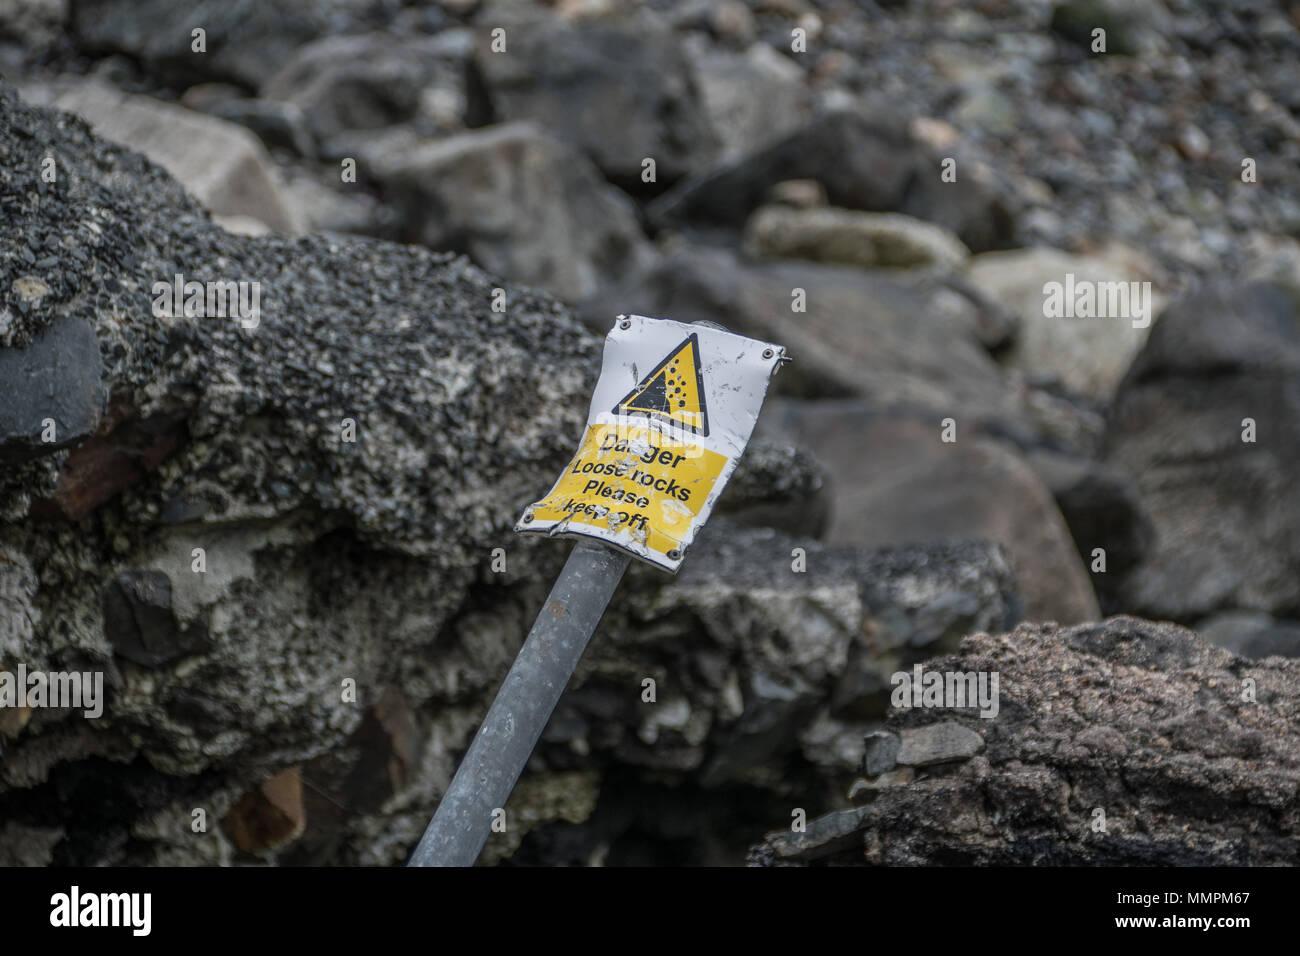 Danger roches détachées signe qui a été plié et est en baisse par rapport à l'encontre de certaines roches détachées sur la côte à Newlyn à Cornwall Photo Stock